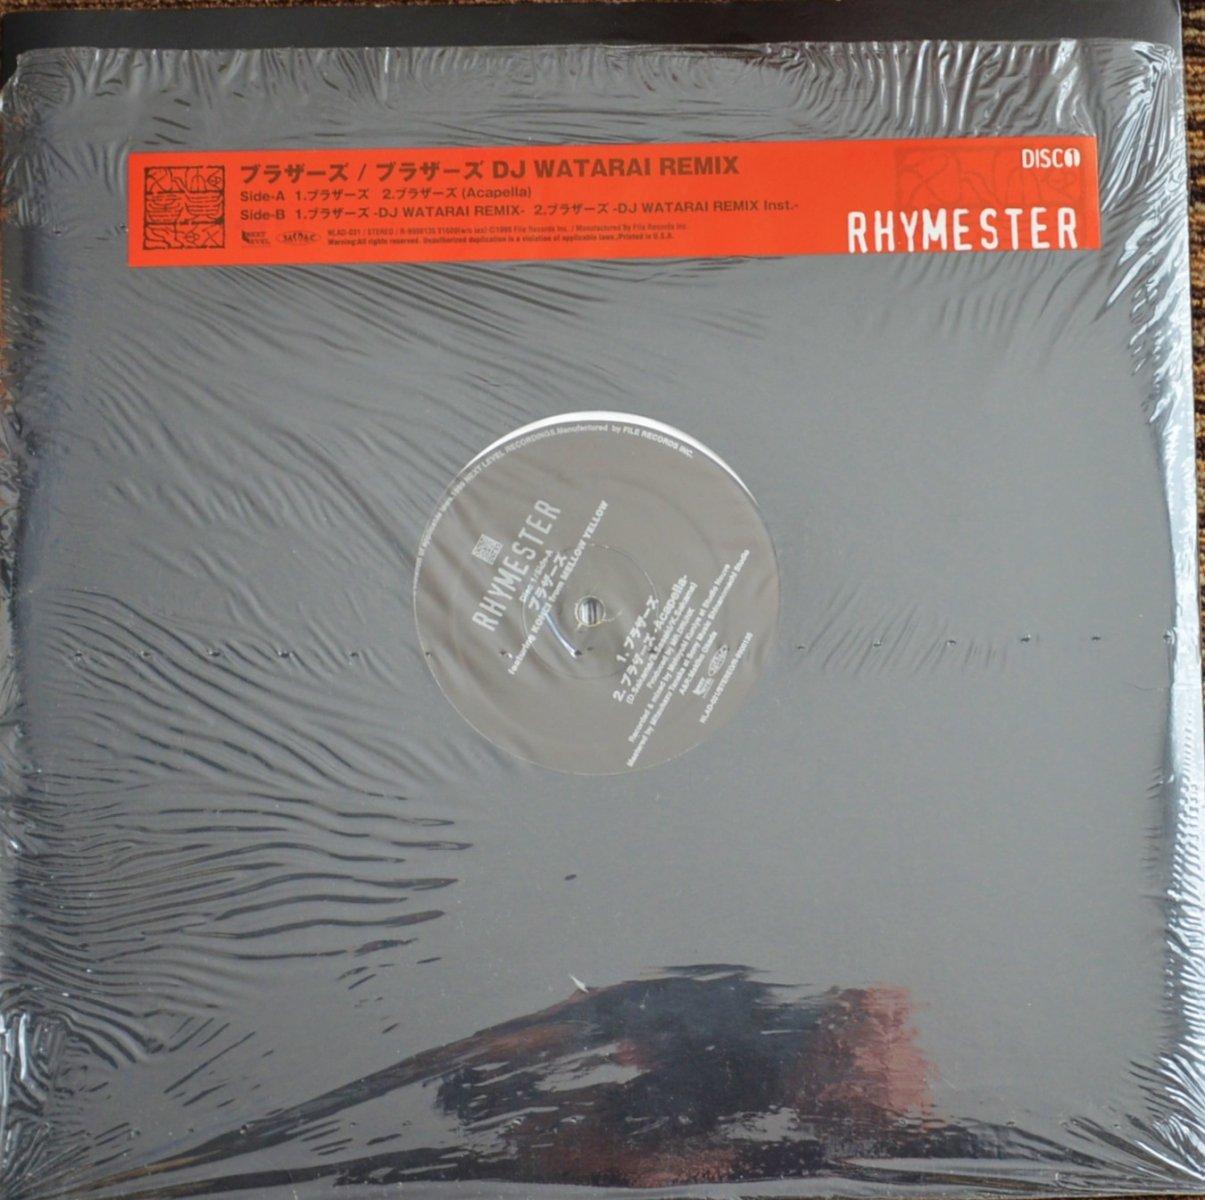 ライムスター RHYMESTER / ブラザーズ / ビッグ・ウェンズデー (2×12